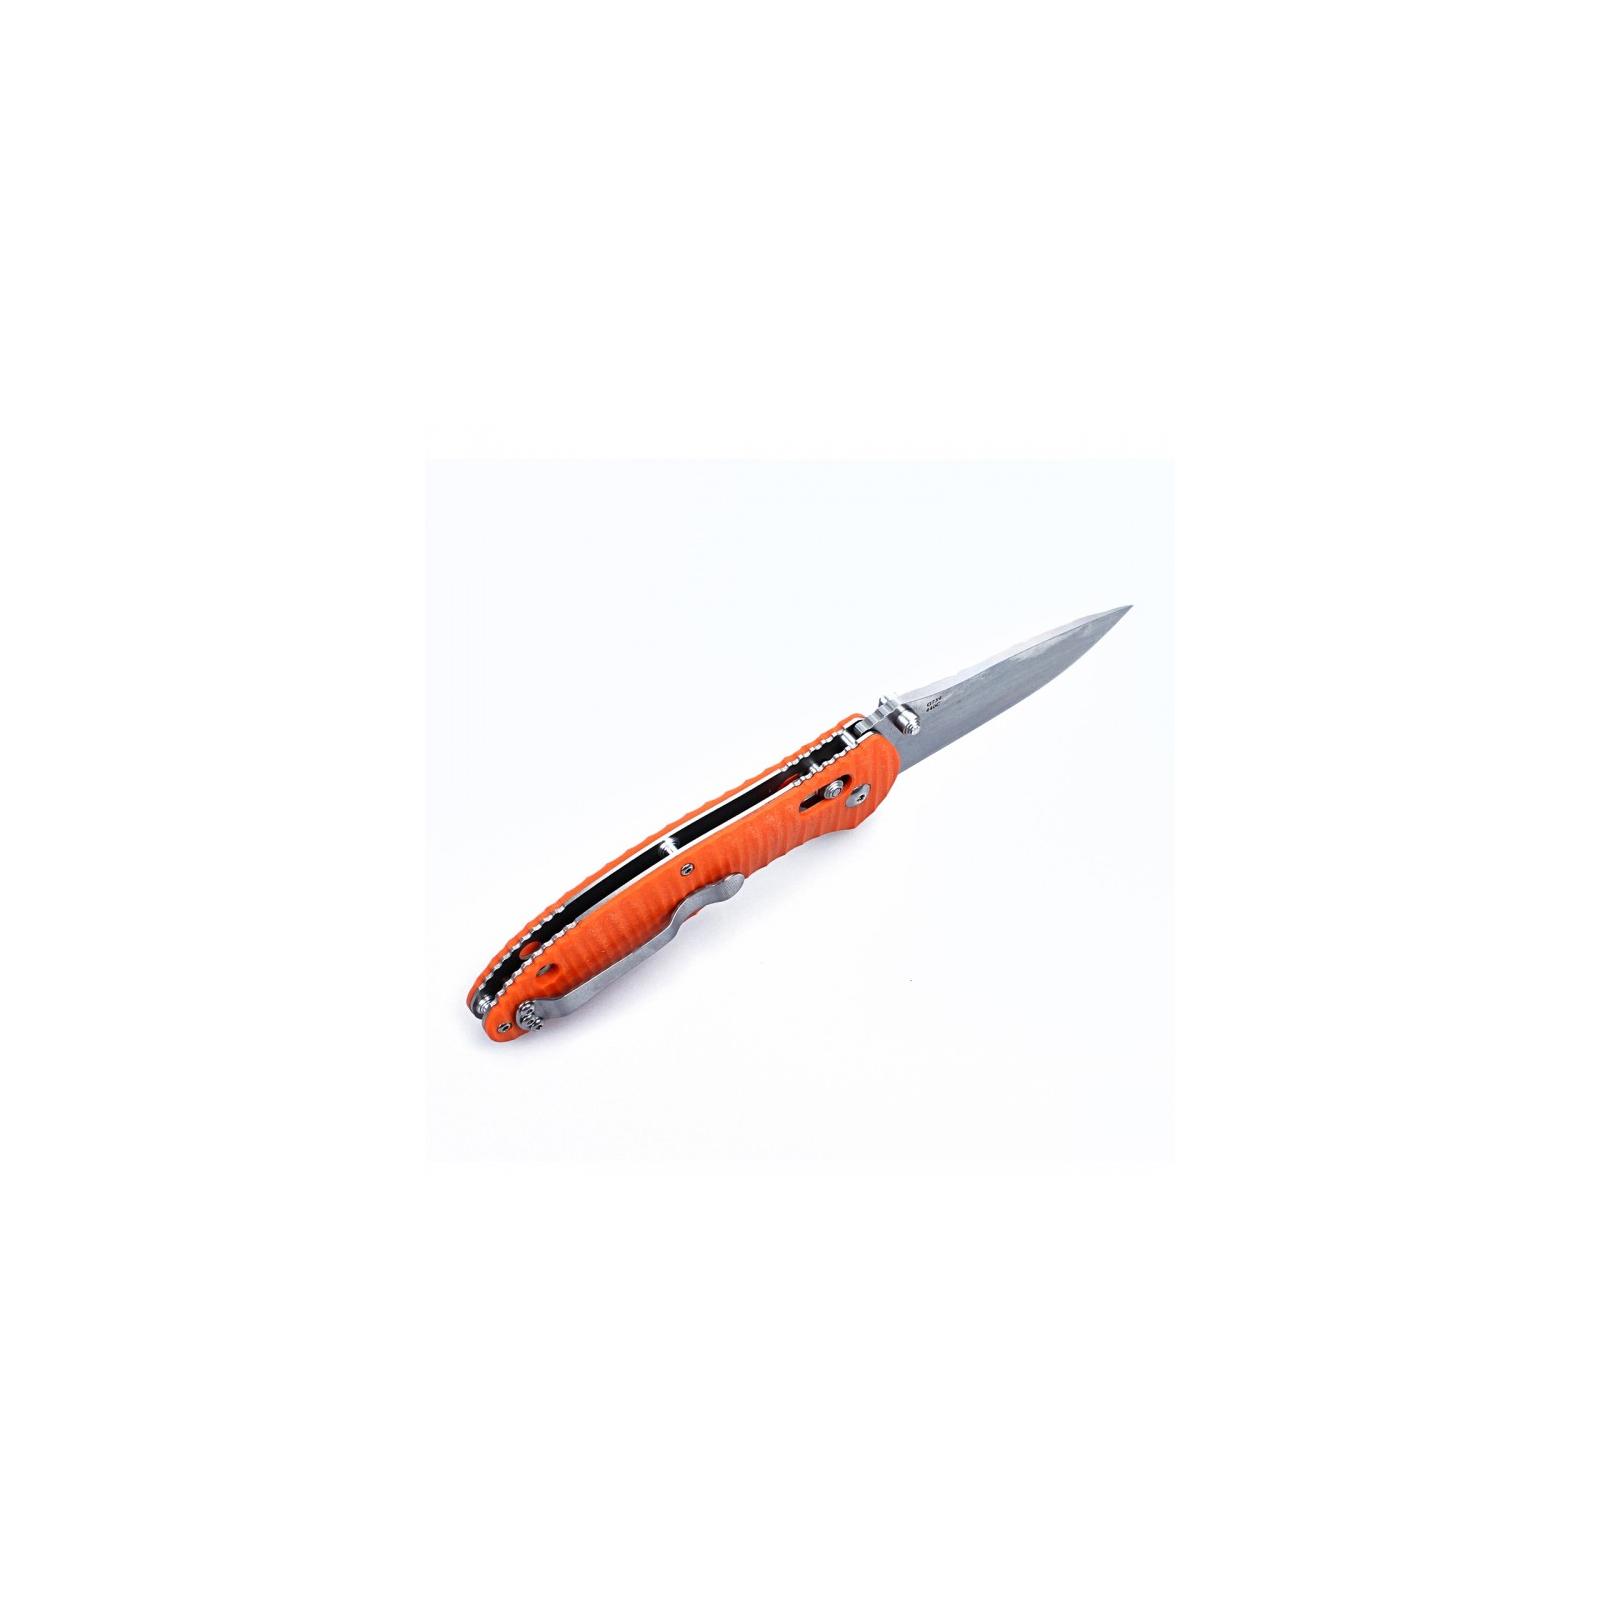 Нож Ganzo G7392P оранжевый (G7392P-OR) изображение 5